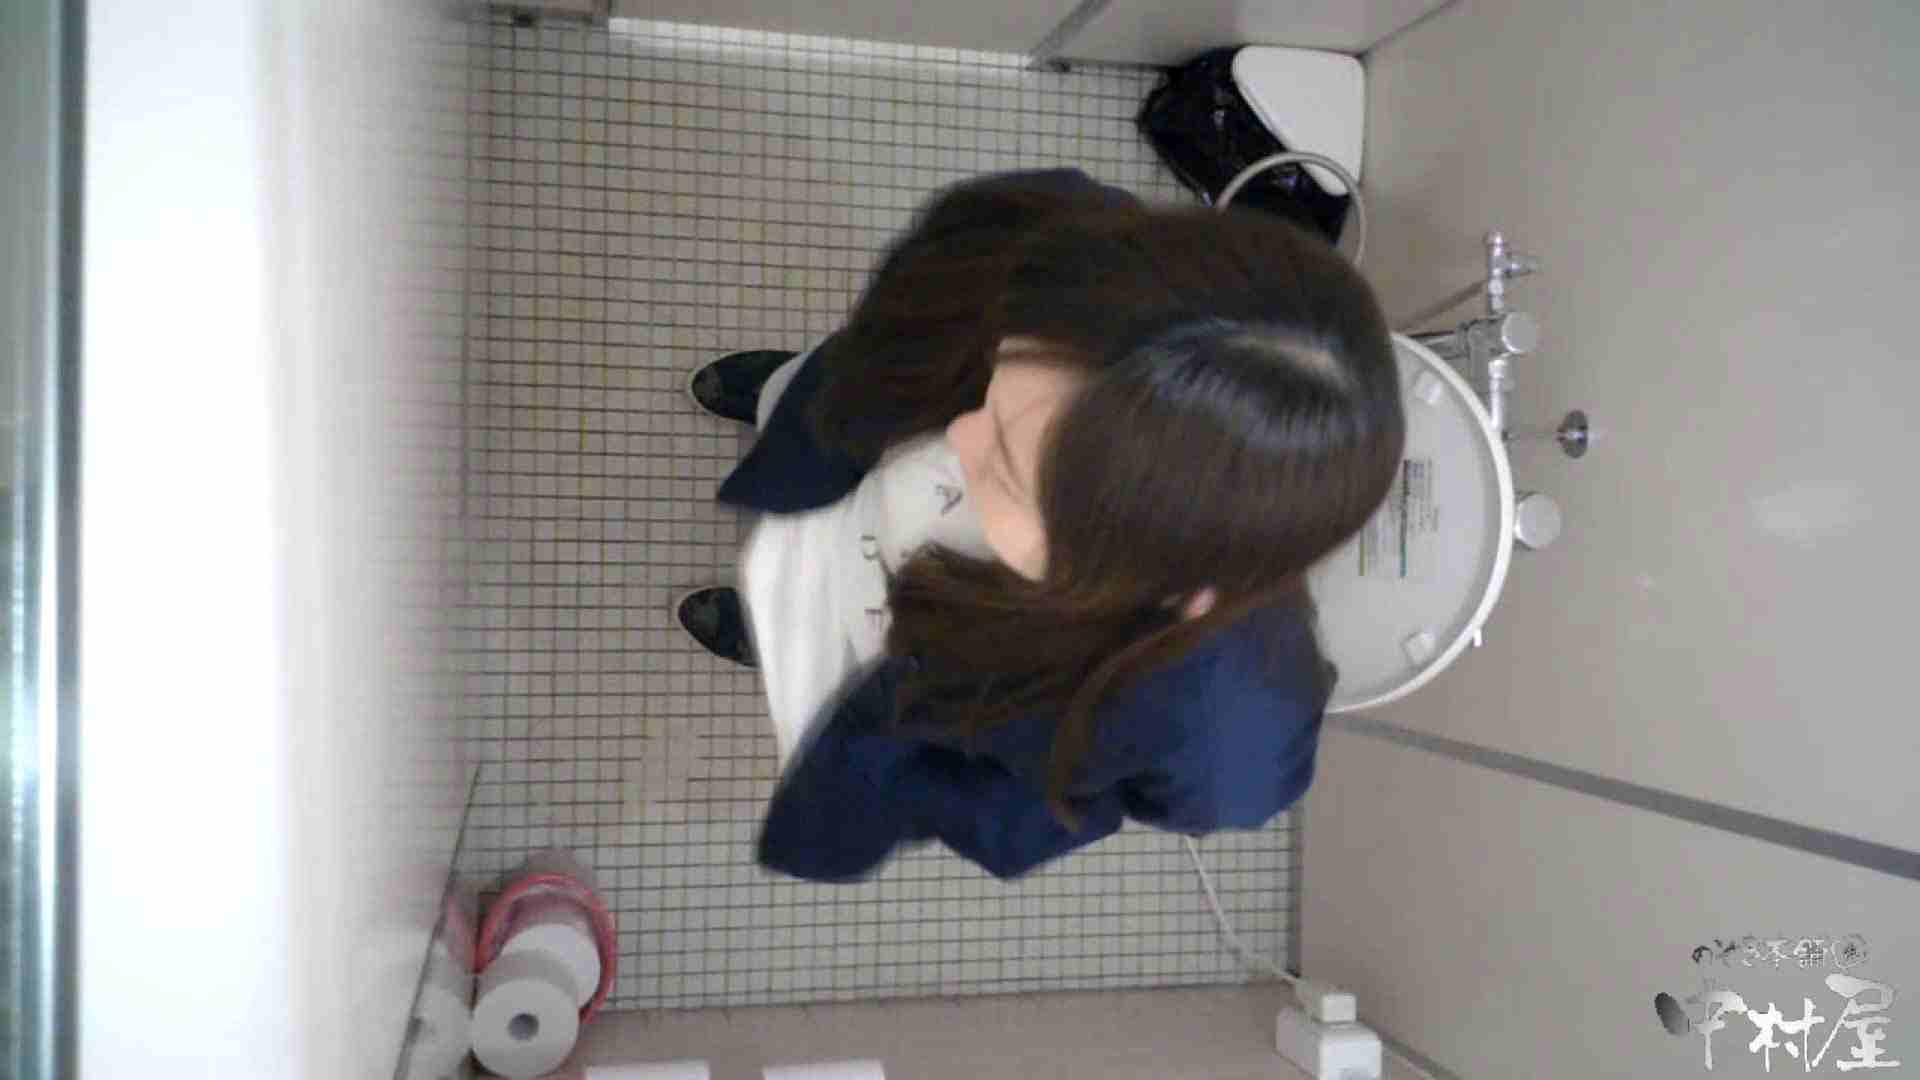 【某有名大学女性洗面所】有名大学女性洗面所 vol.43 いつみても神秘的な世界です。 和式 | 投稿  87pic 26